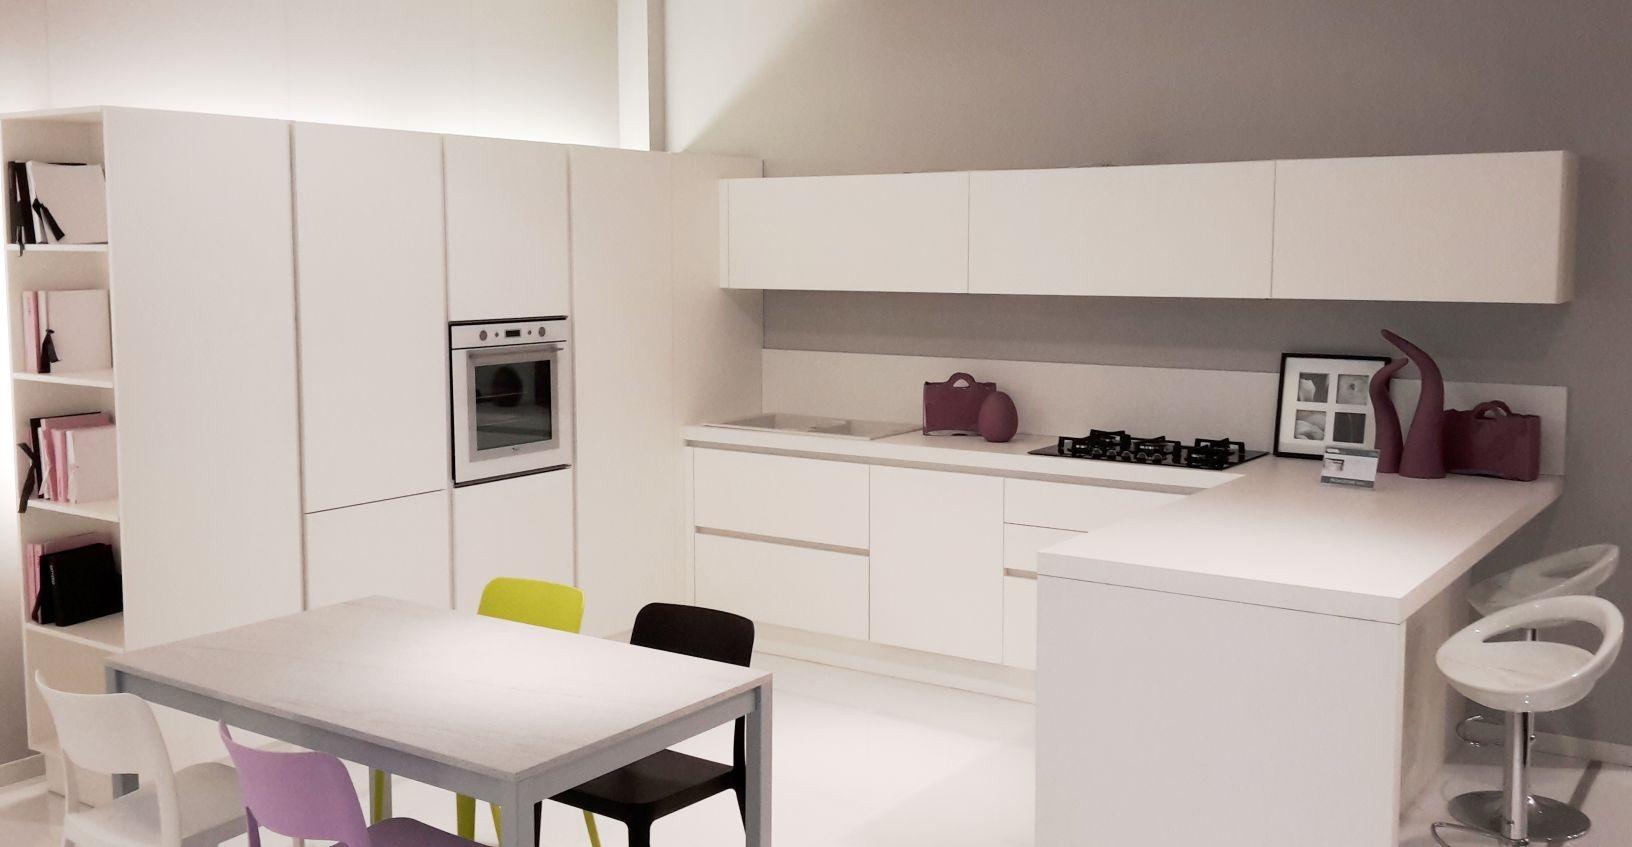 Cucine Con Isola Centrale Prezzi. Cucine Moderne Con Isola Bianche ...